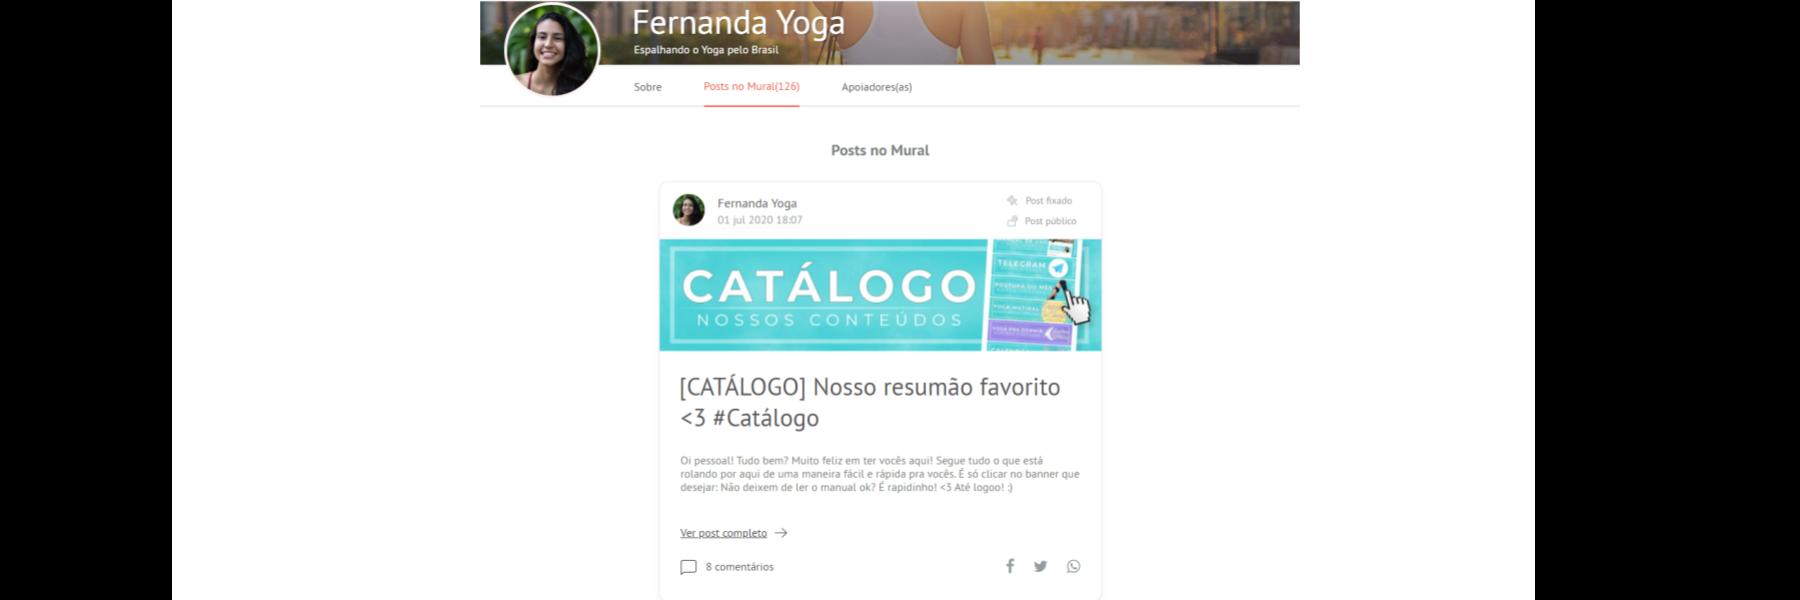 """captura de tela do mural da Fernanda Yoga, em que se vê um primeiro post. Nele se lê grande """"Catálogo""""."""